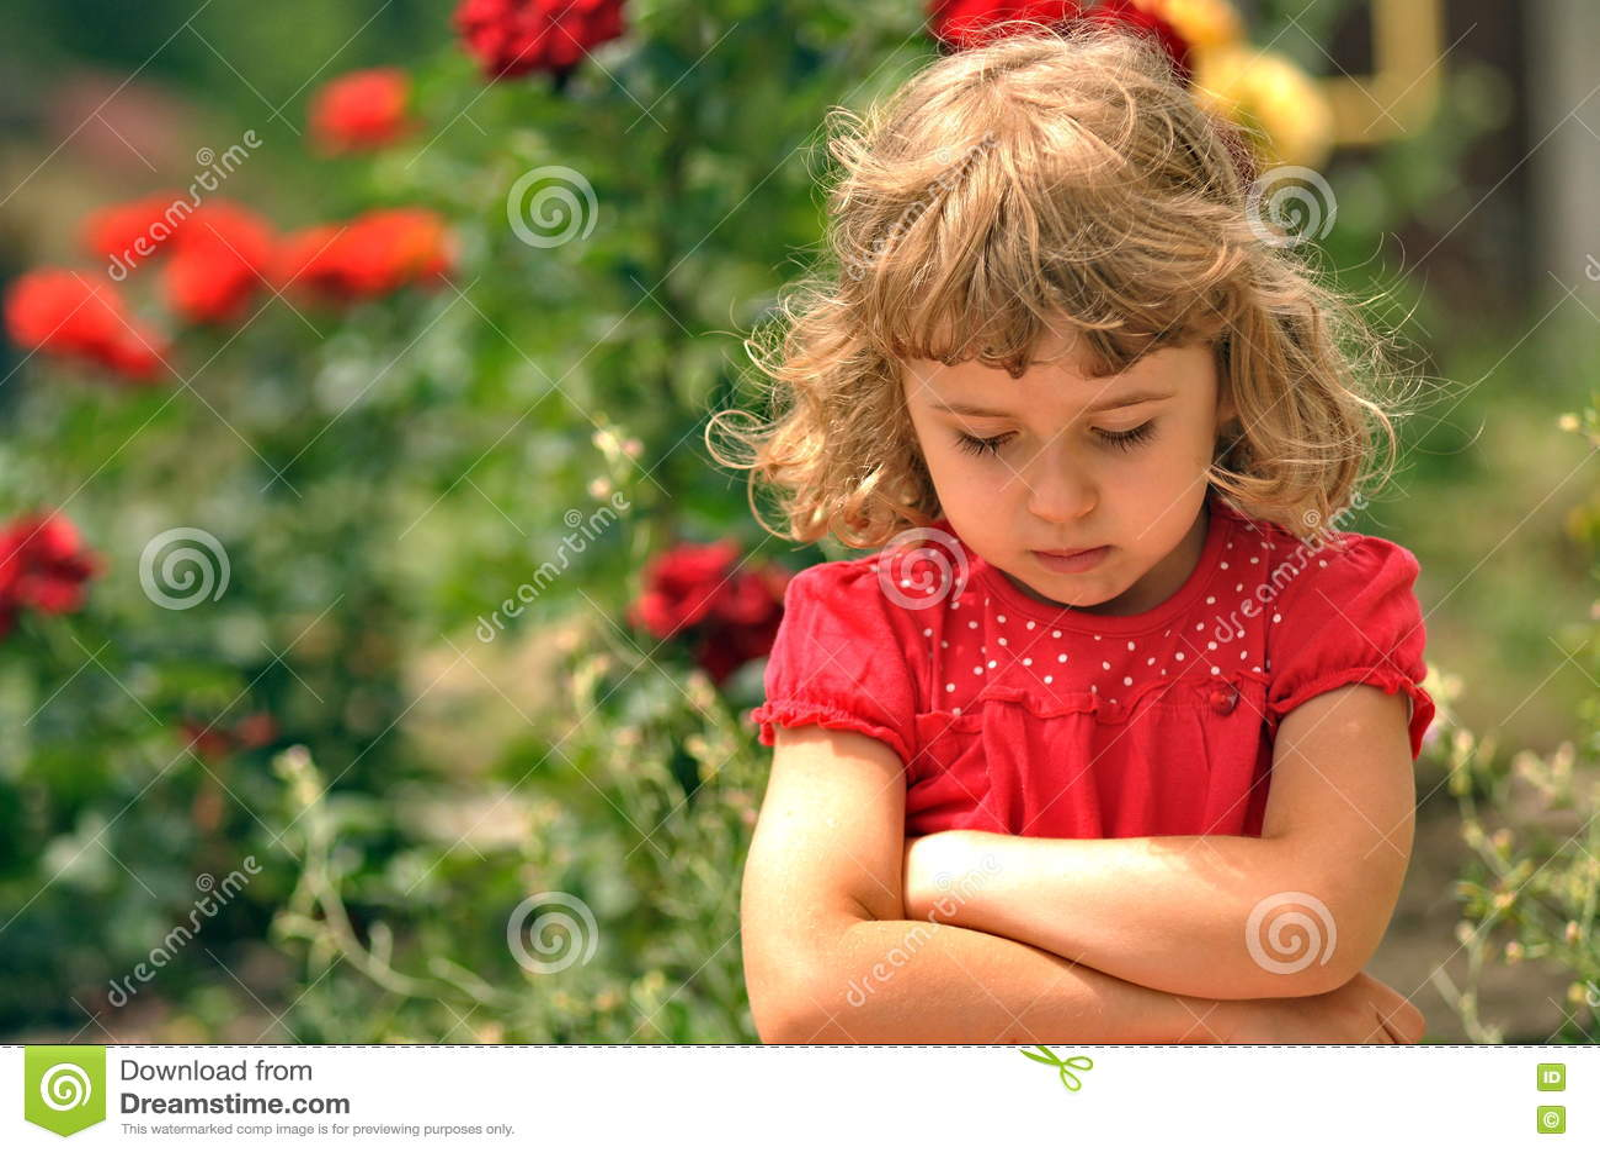 Sad child stock image. Image of beautiful, sorry ...